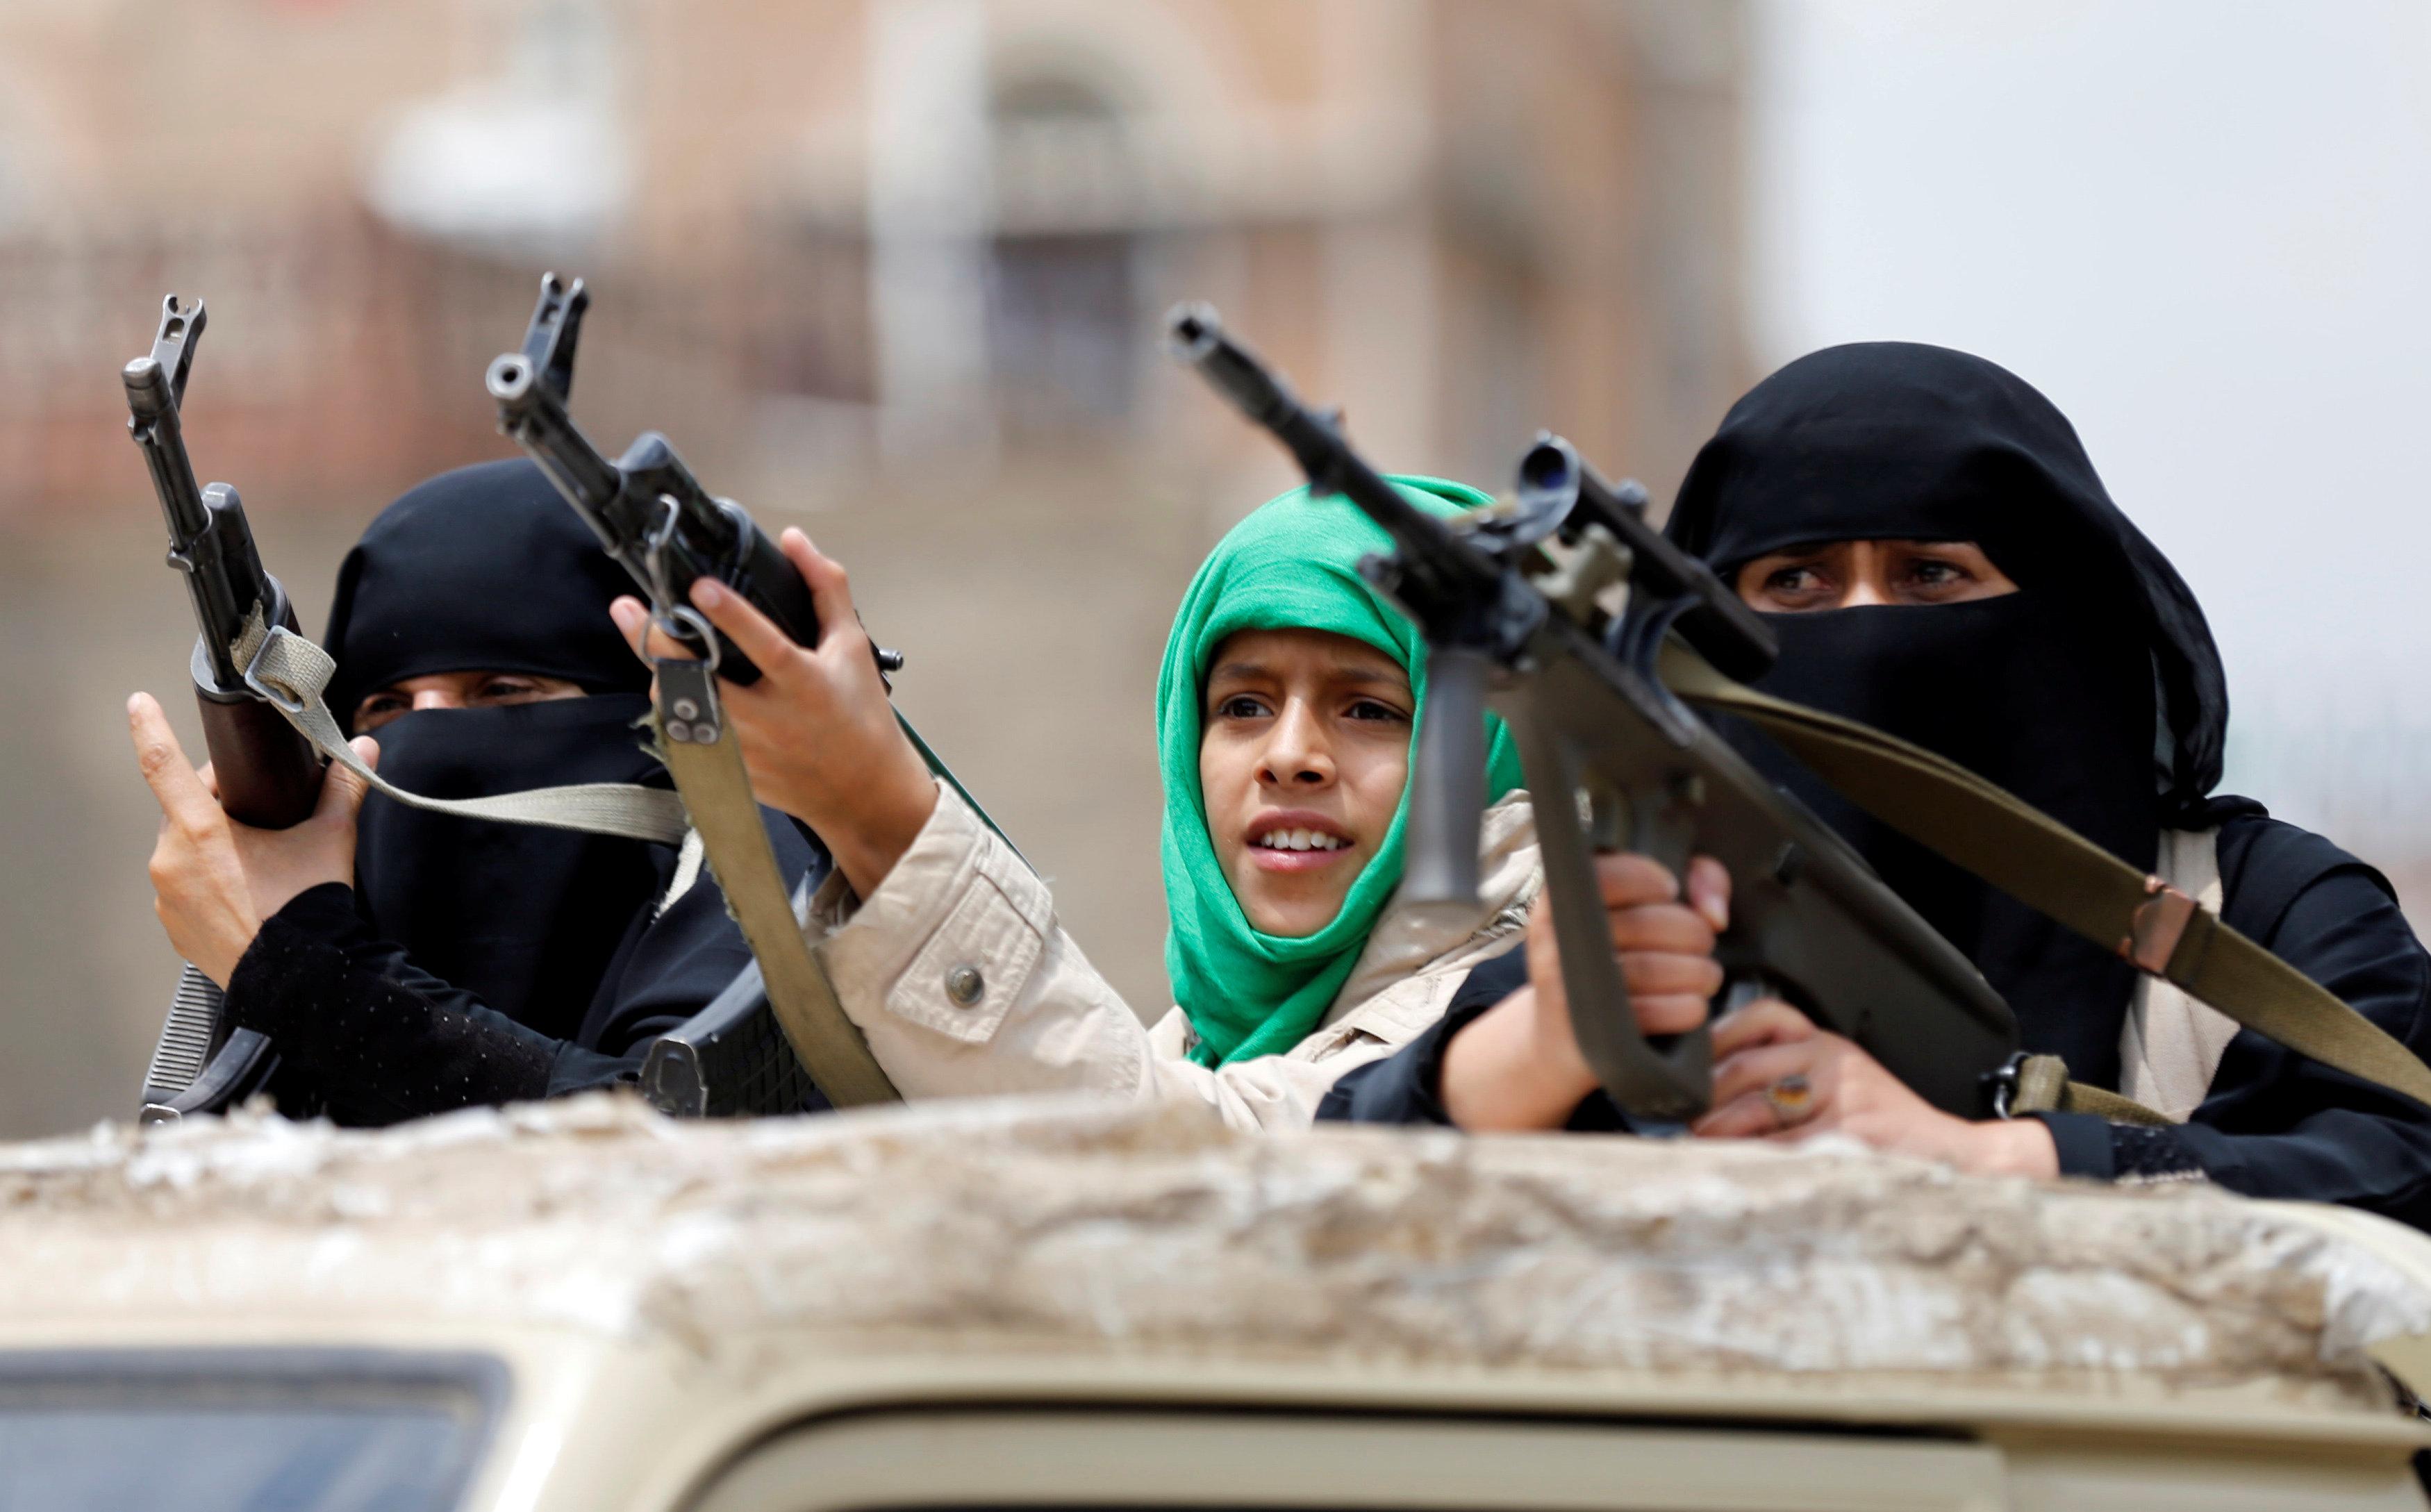 أطفال يحملون السلاح فى اليمن